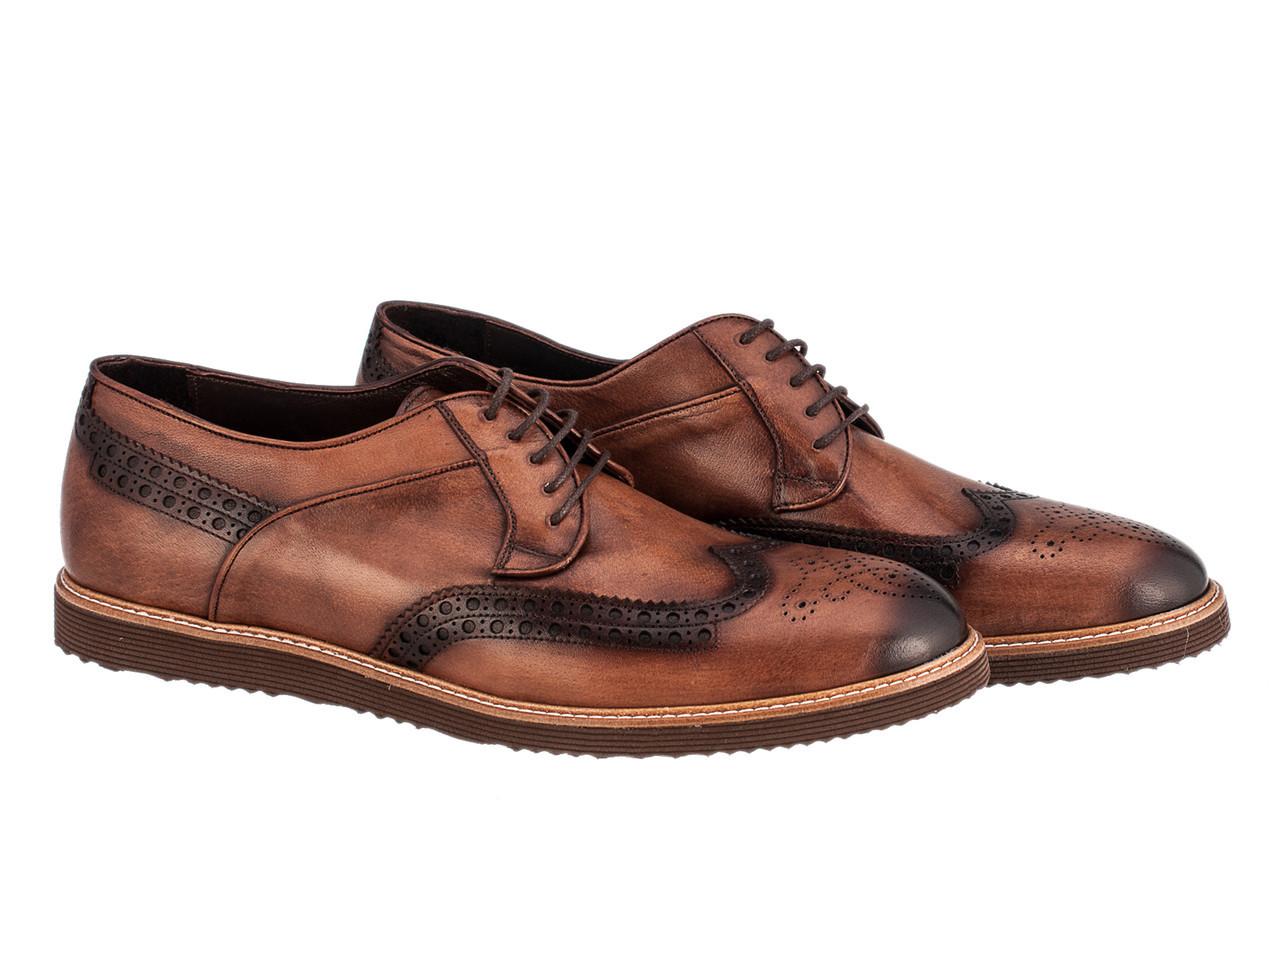 Броги Etor 13055-100 46 коричневые